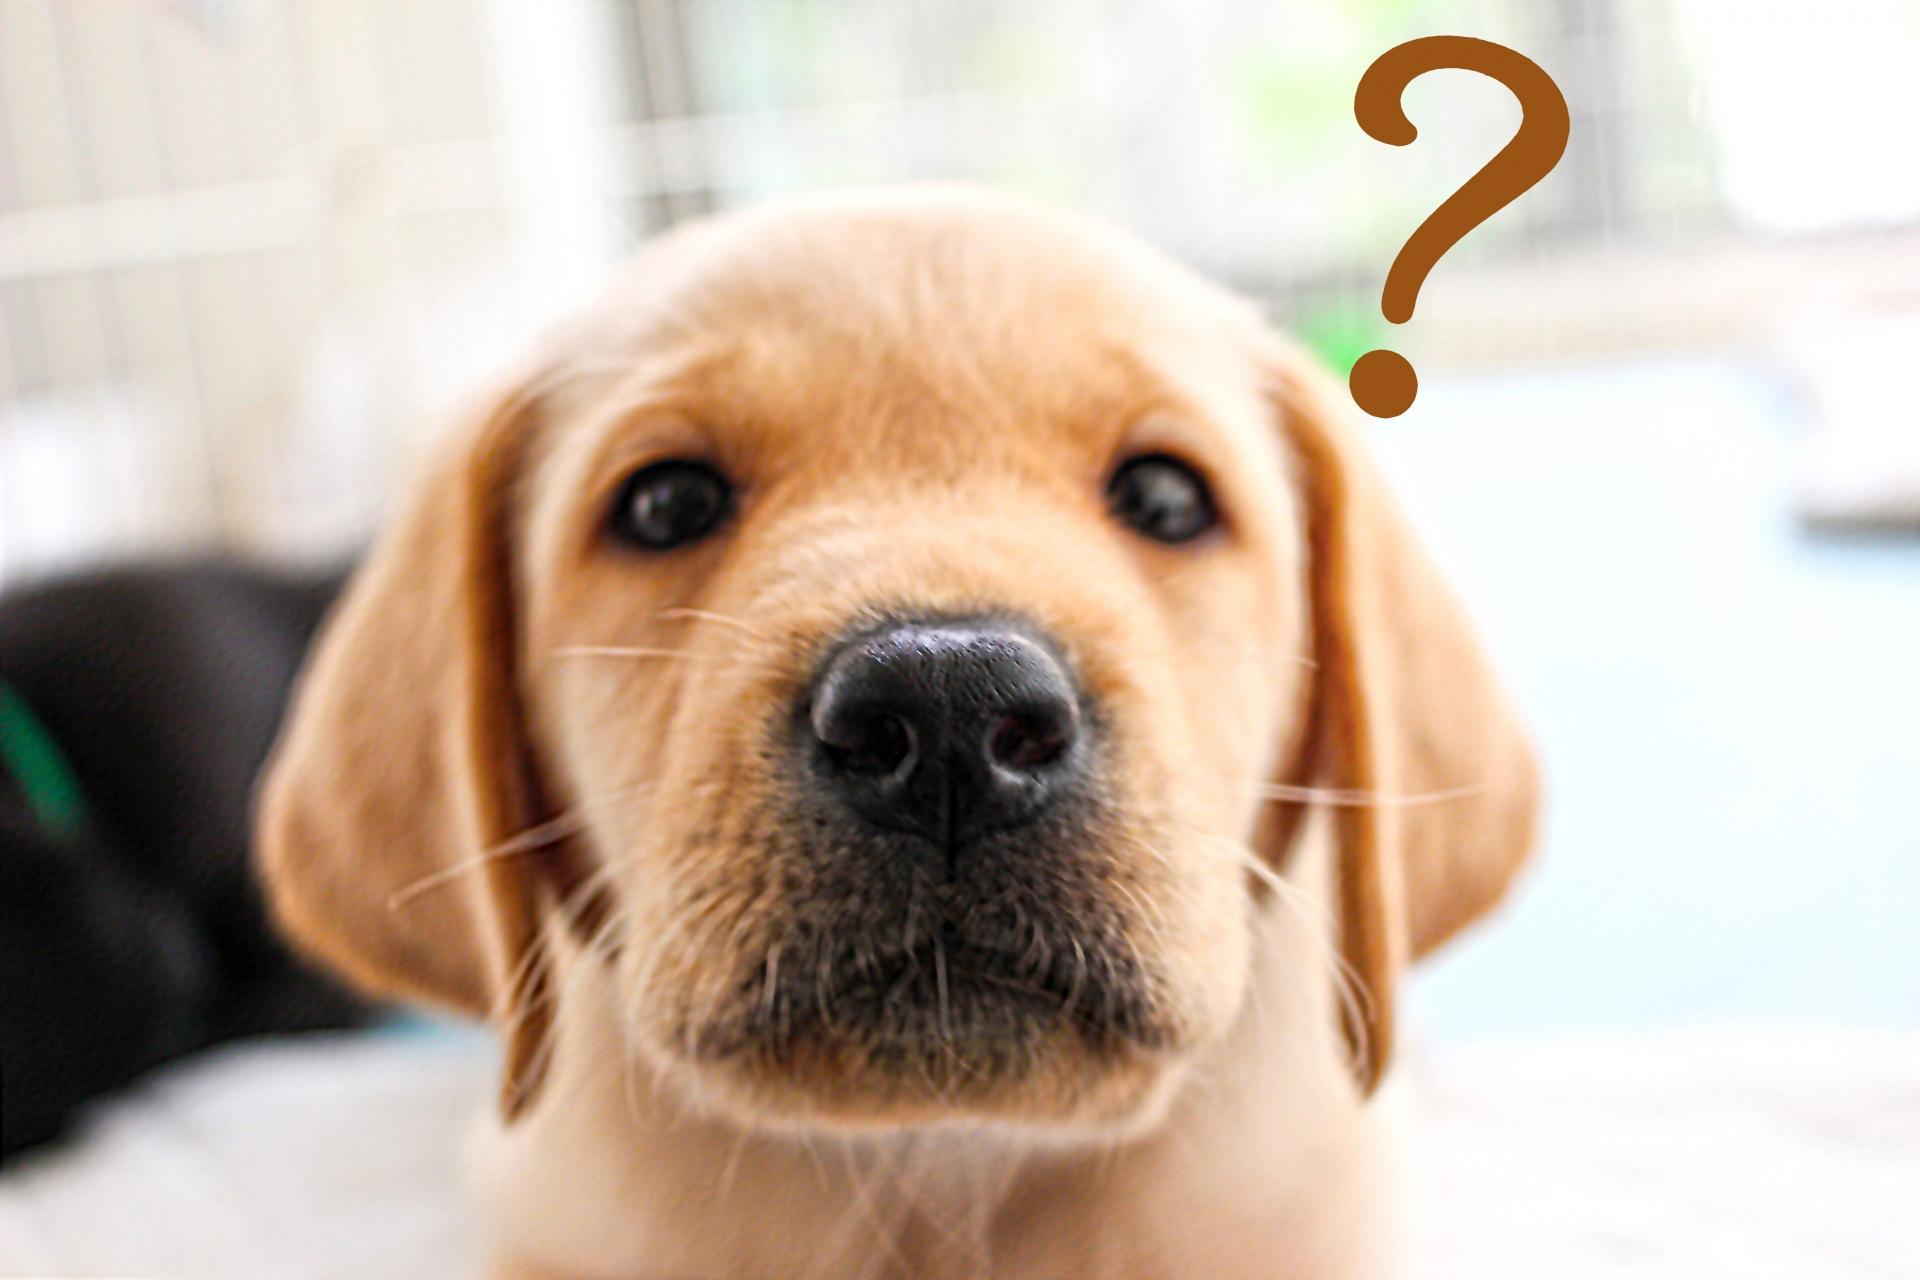 クエスチョンマークを浮かべる犬